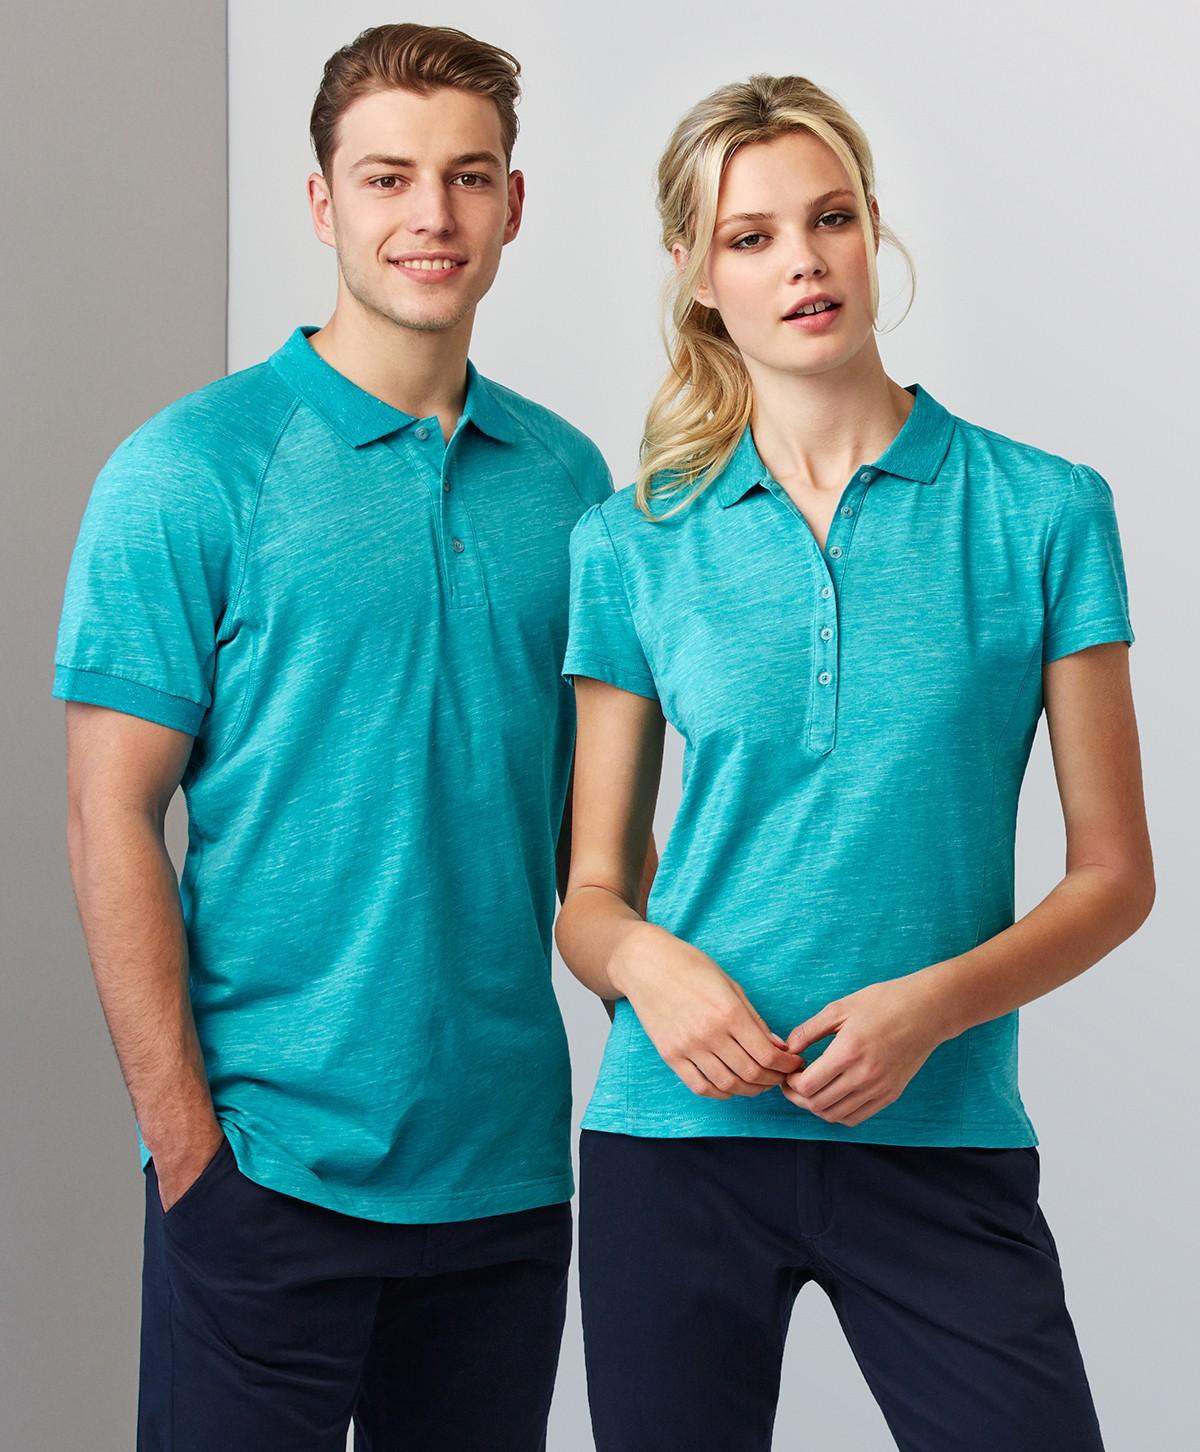 Ladies Coast 100% Cotton Polo Shirt - The Uniform Centre 3b47778d2